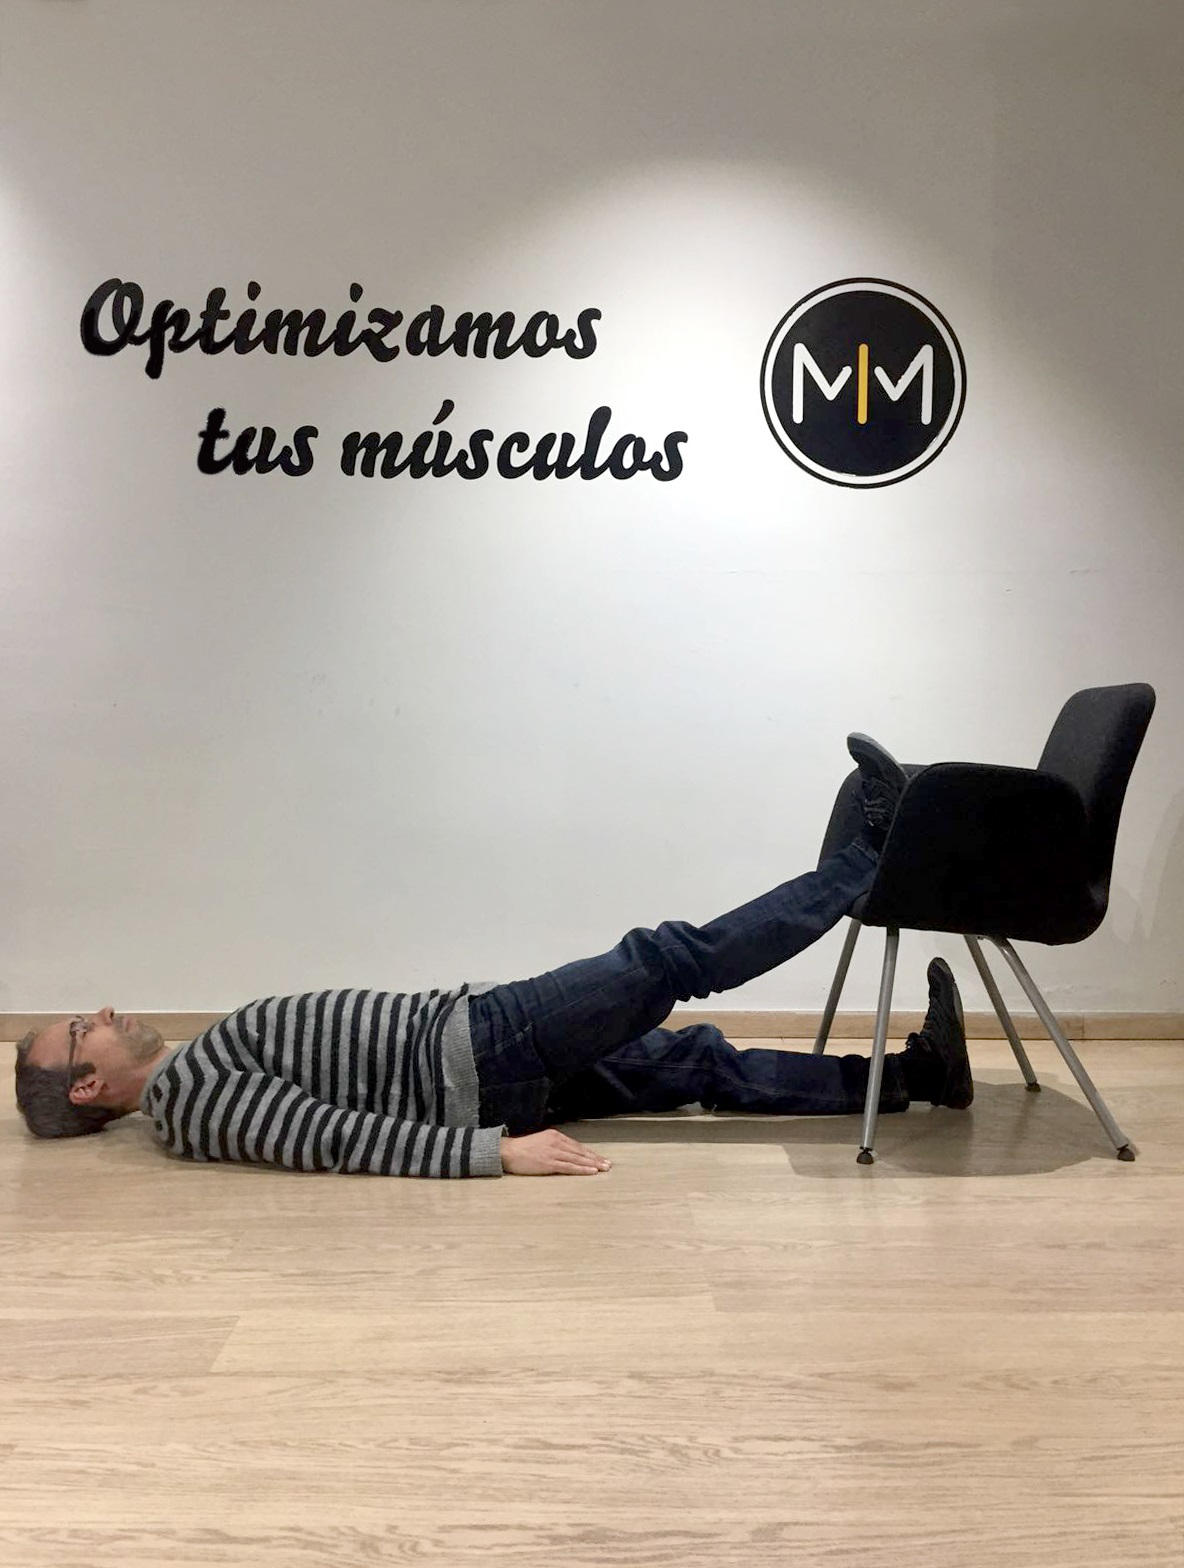 ejercicio cadera flexion optimmus